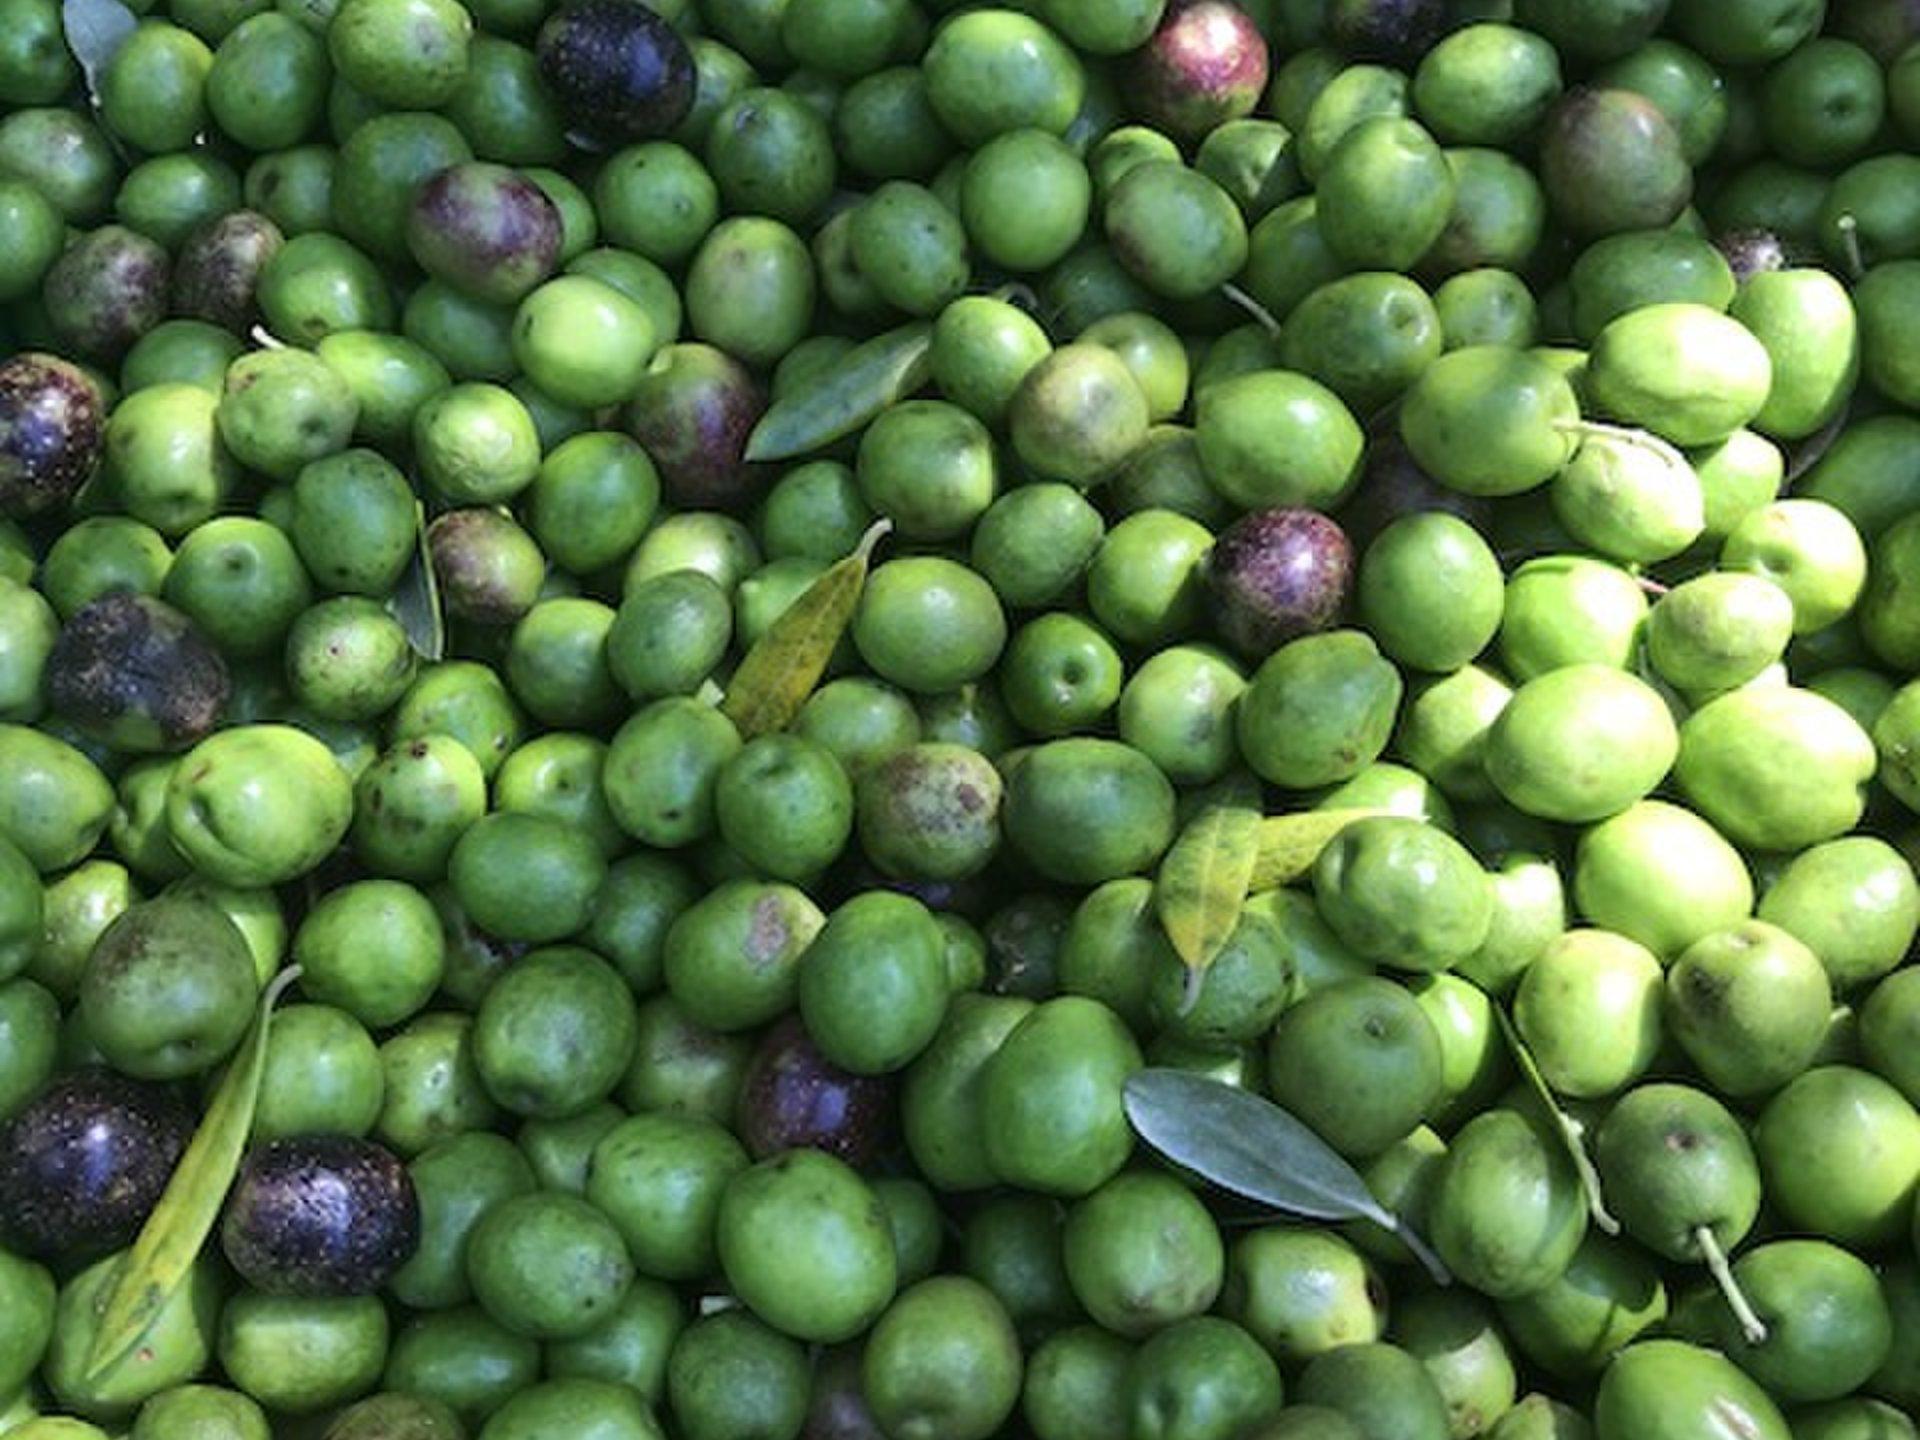 天草でオリーブ収穫!?アウトドア好きのためのちょっと変わった秋の天草の楽しみ方